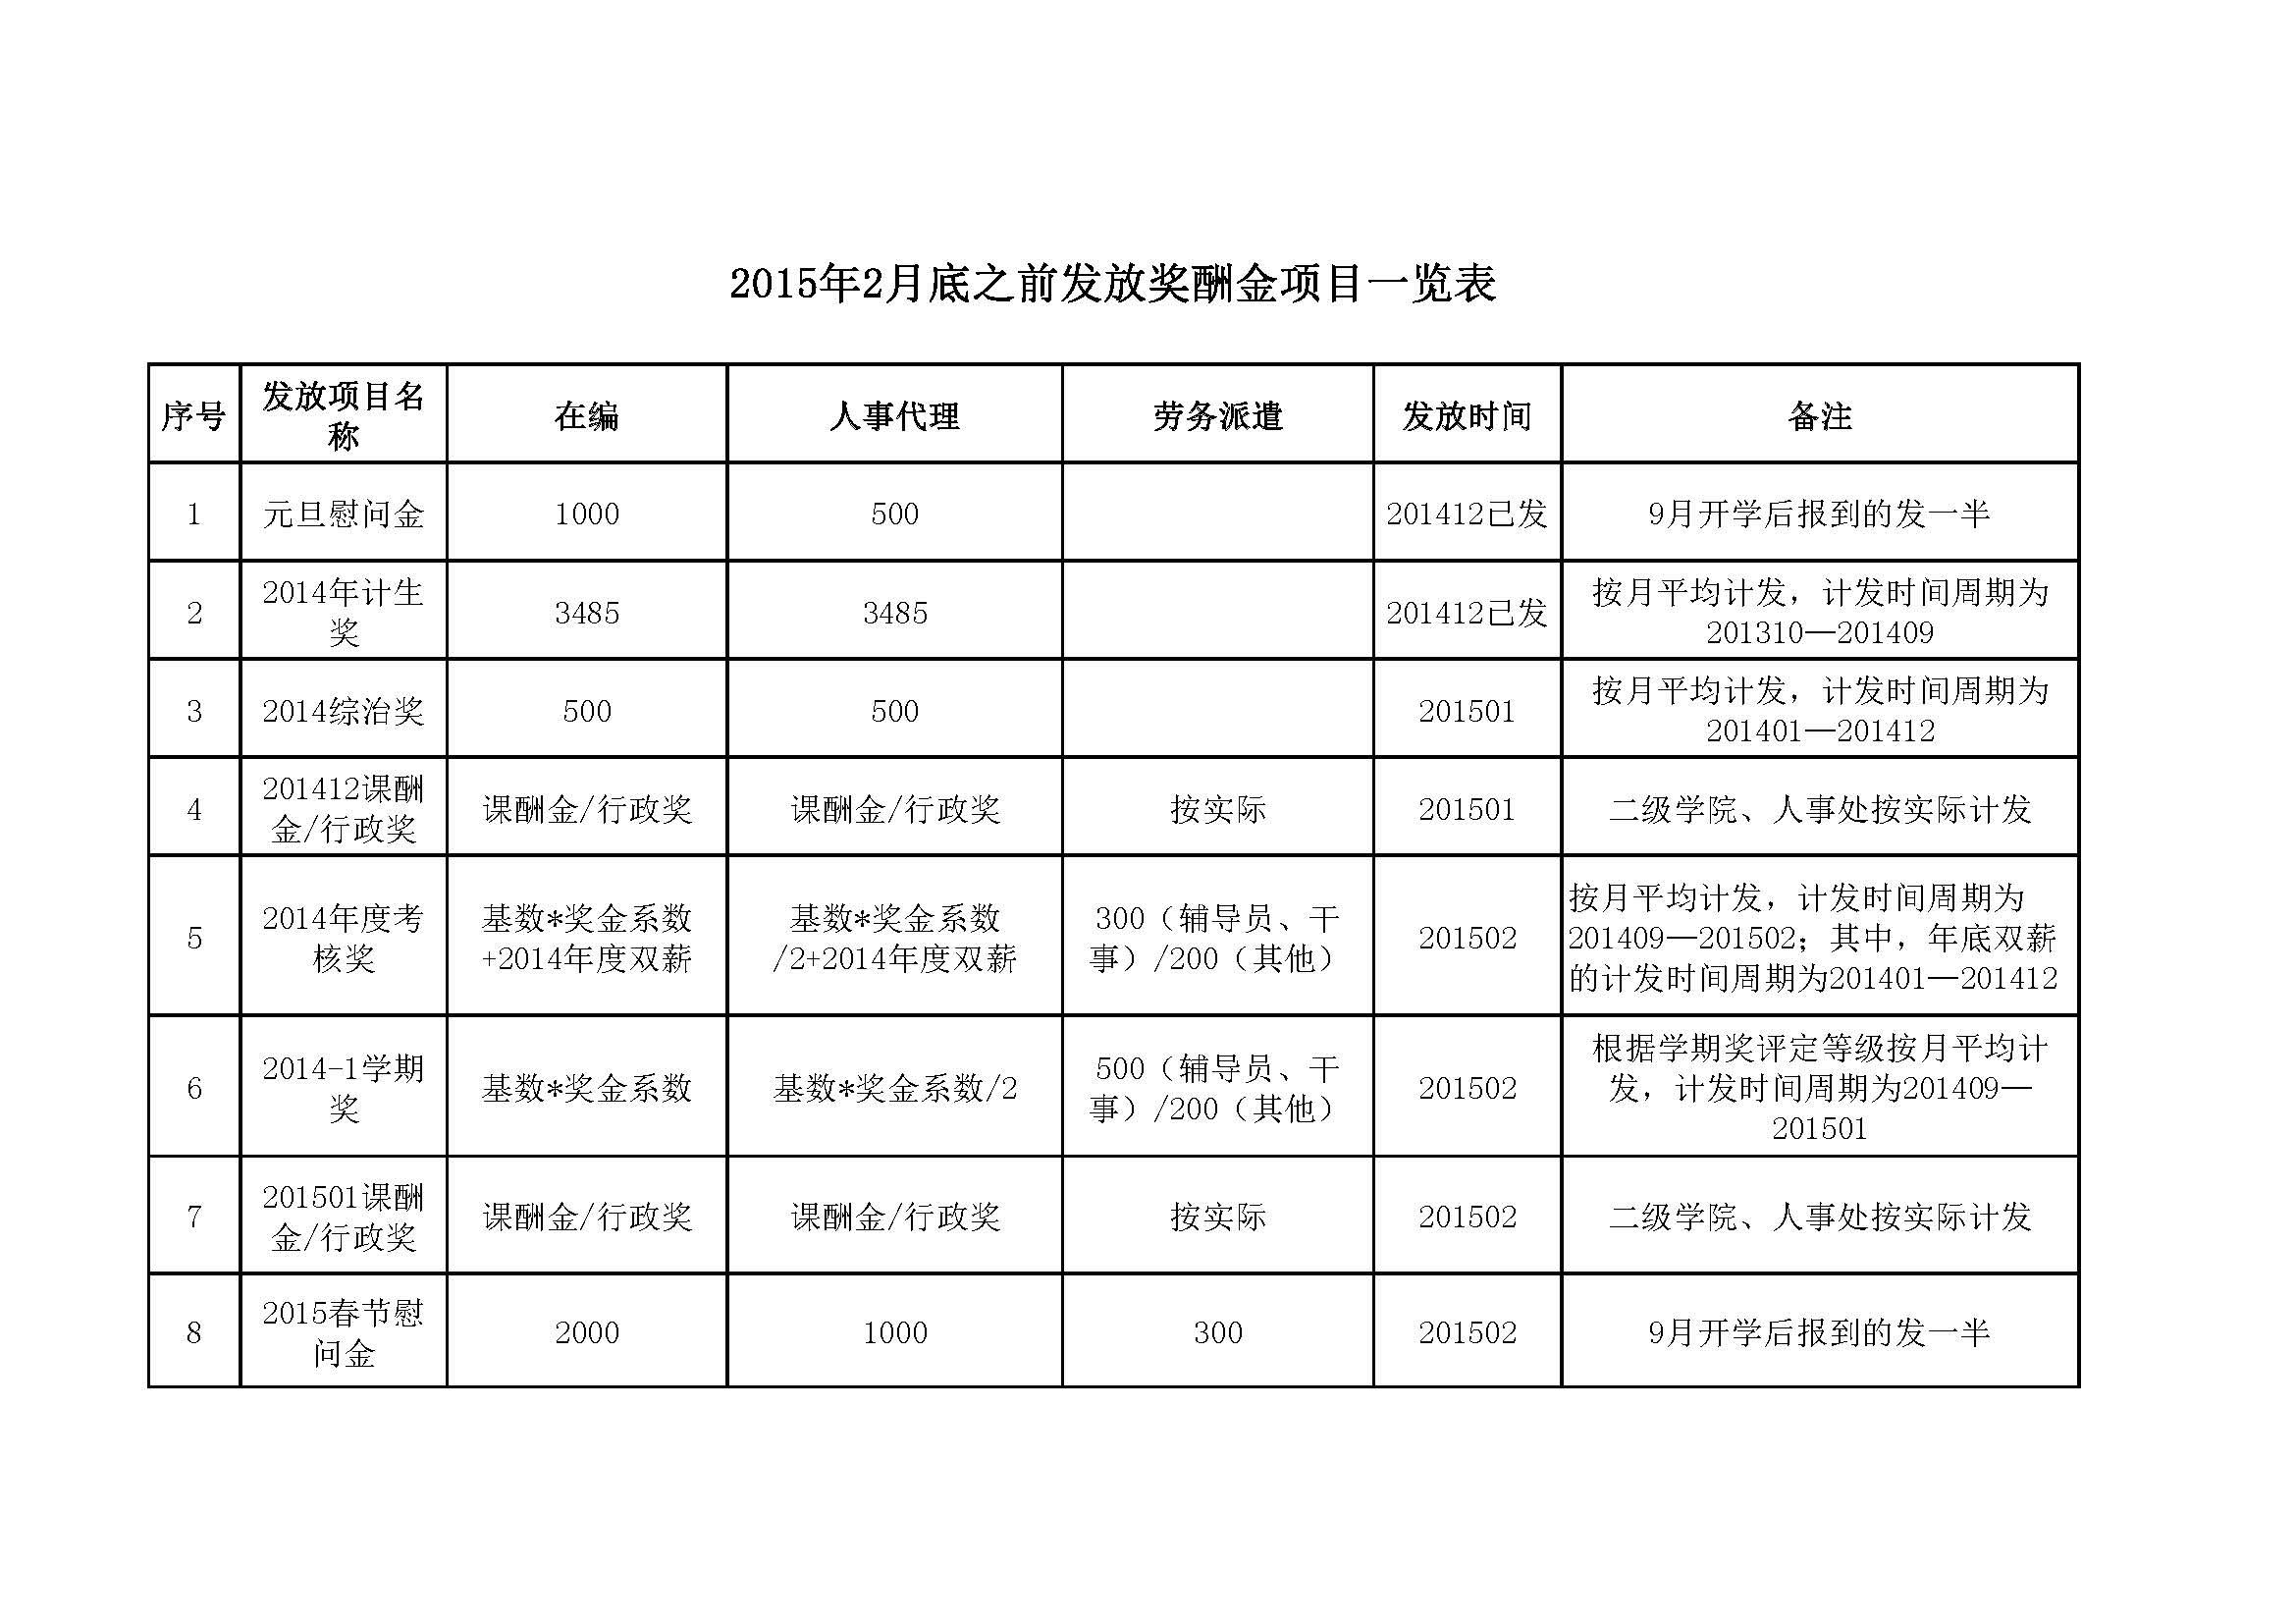 附件:2015年2月底之前发放奖酬金项目一览表